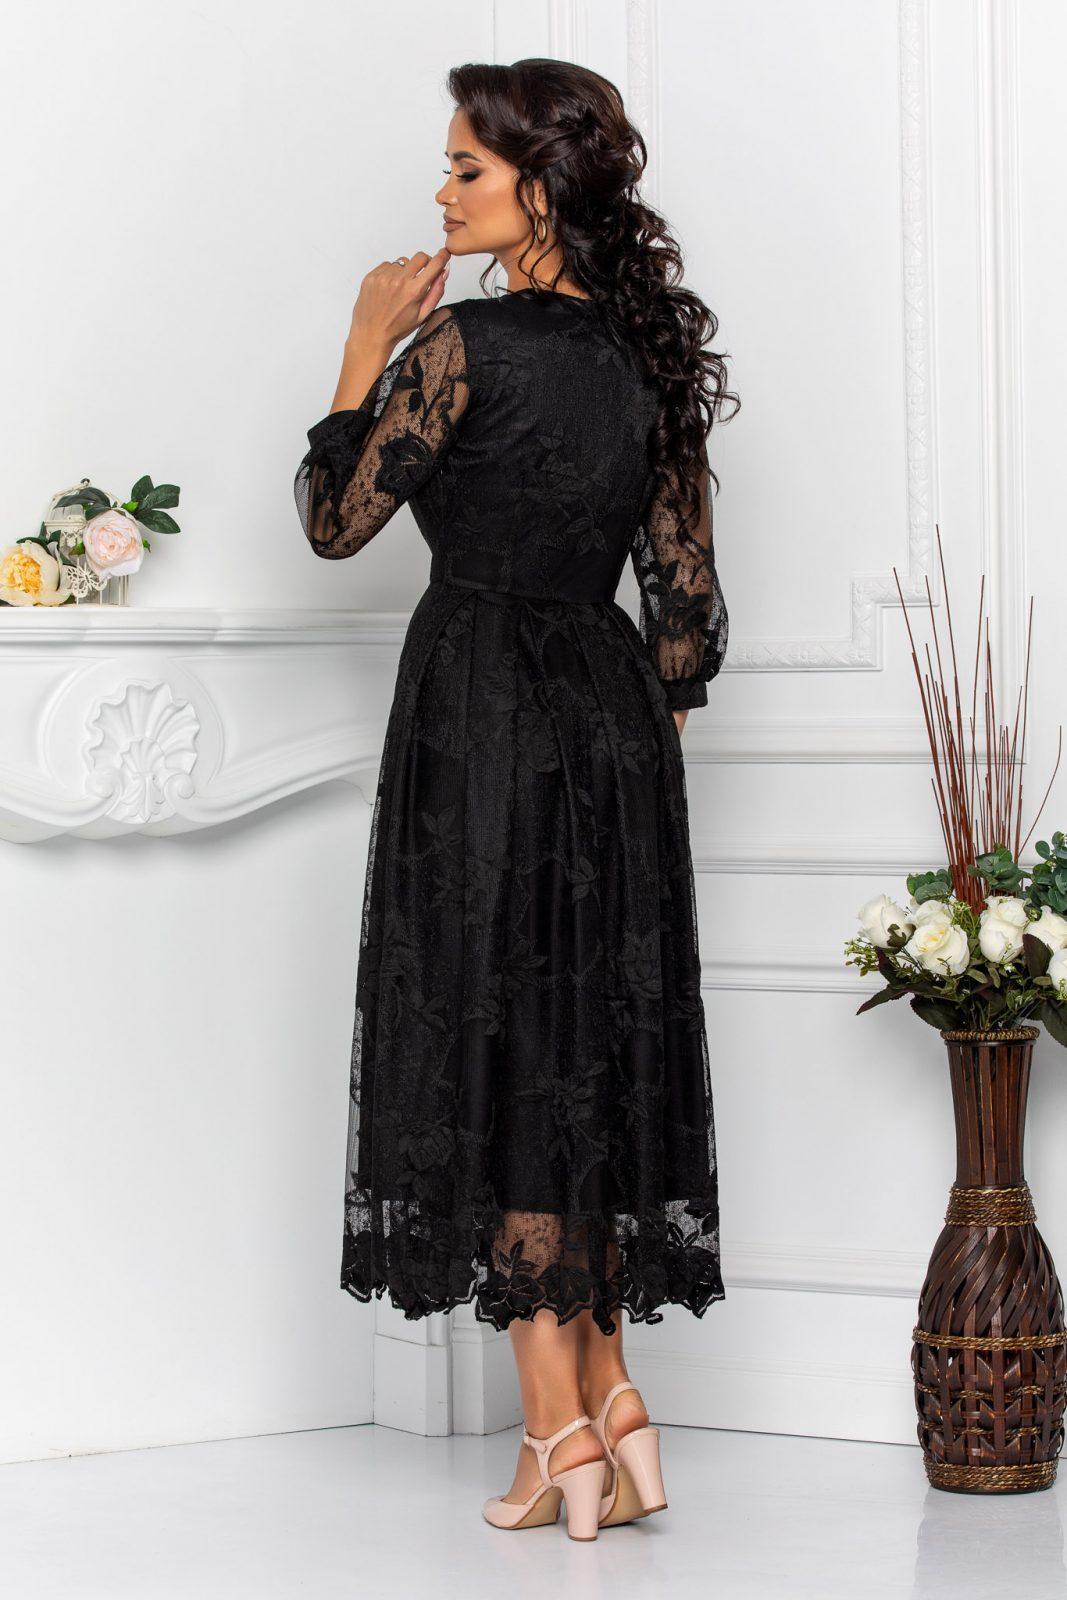 Μαύρο Φόρεμα Με Δαντέλα Cybill 8550